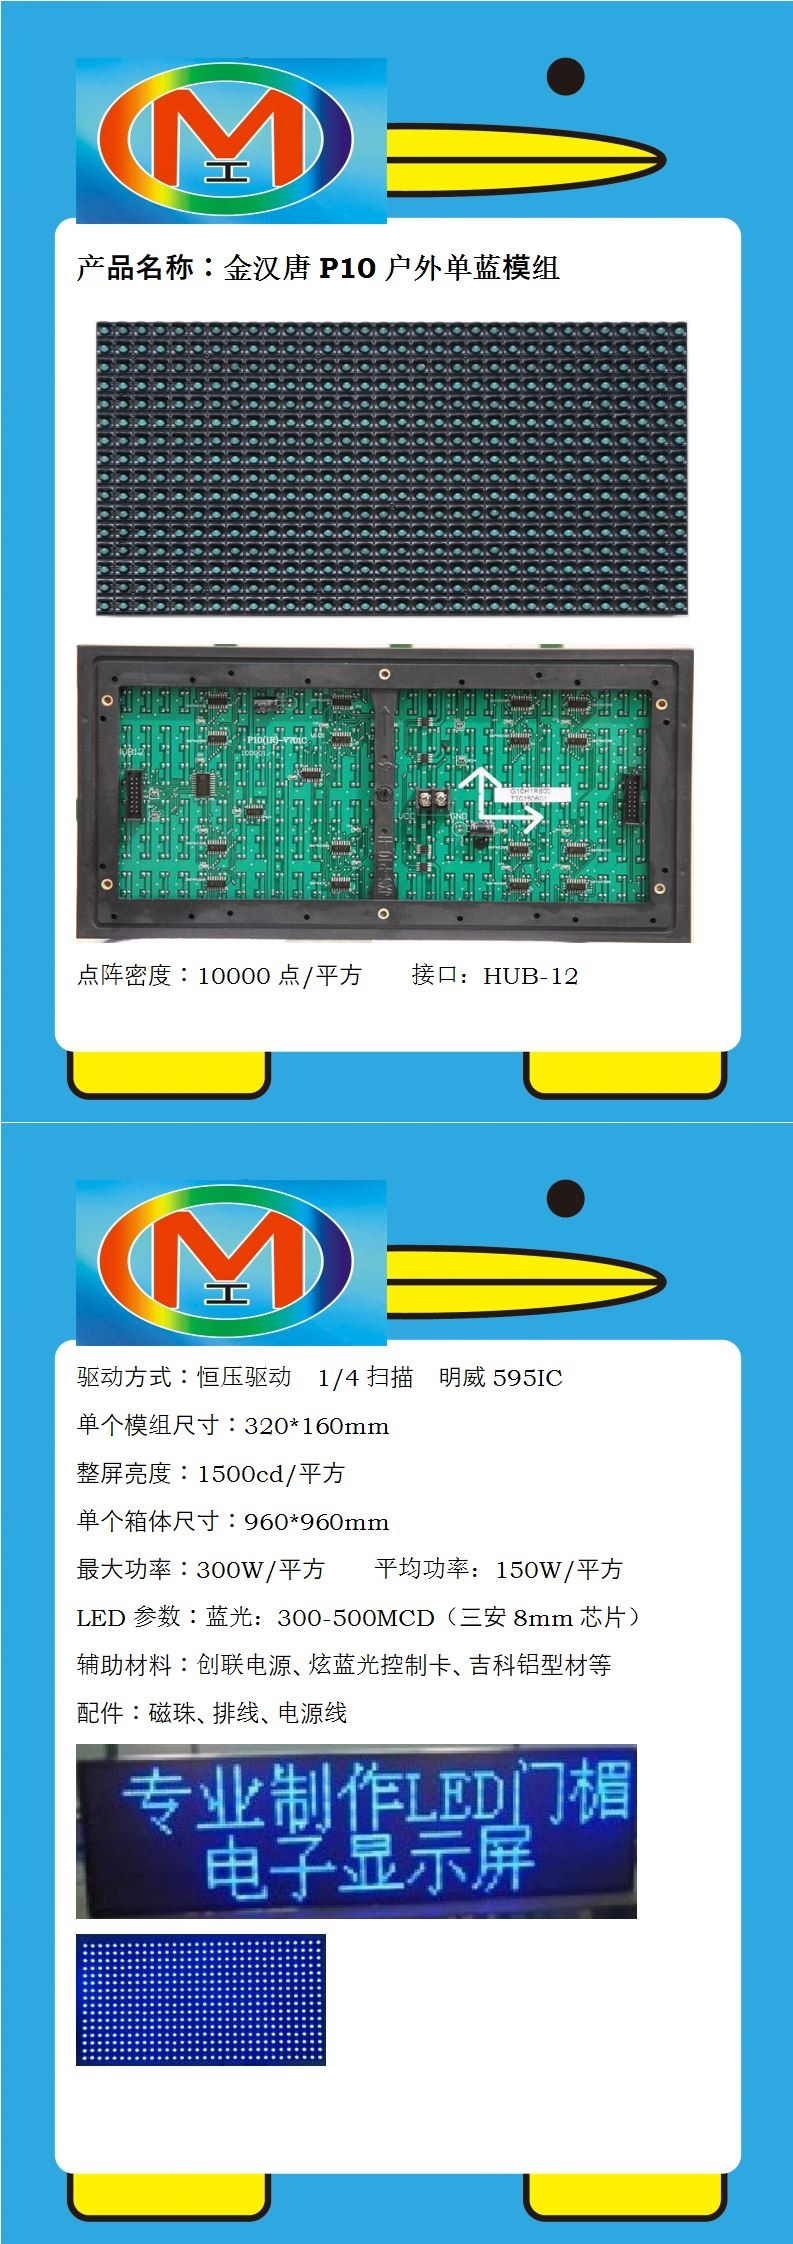 鹰潭市民生保险LED门头蓝色条屏专用P10户外单蓝模组(奥马哈)